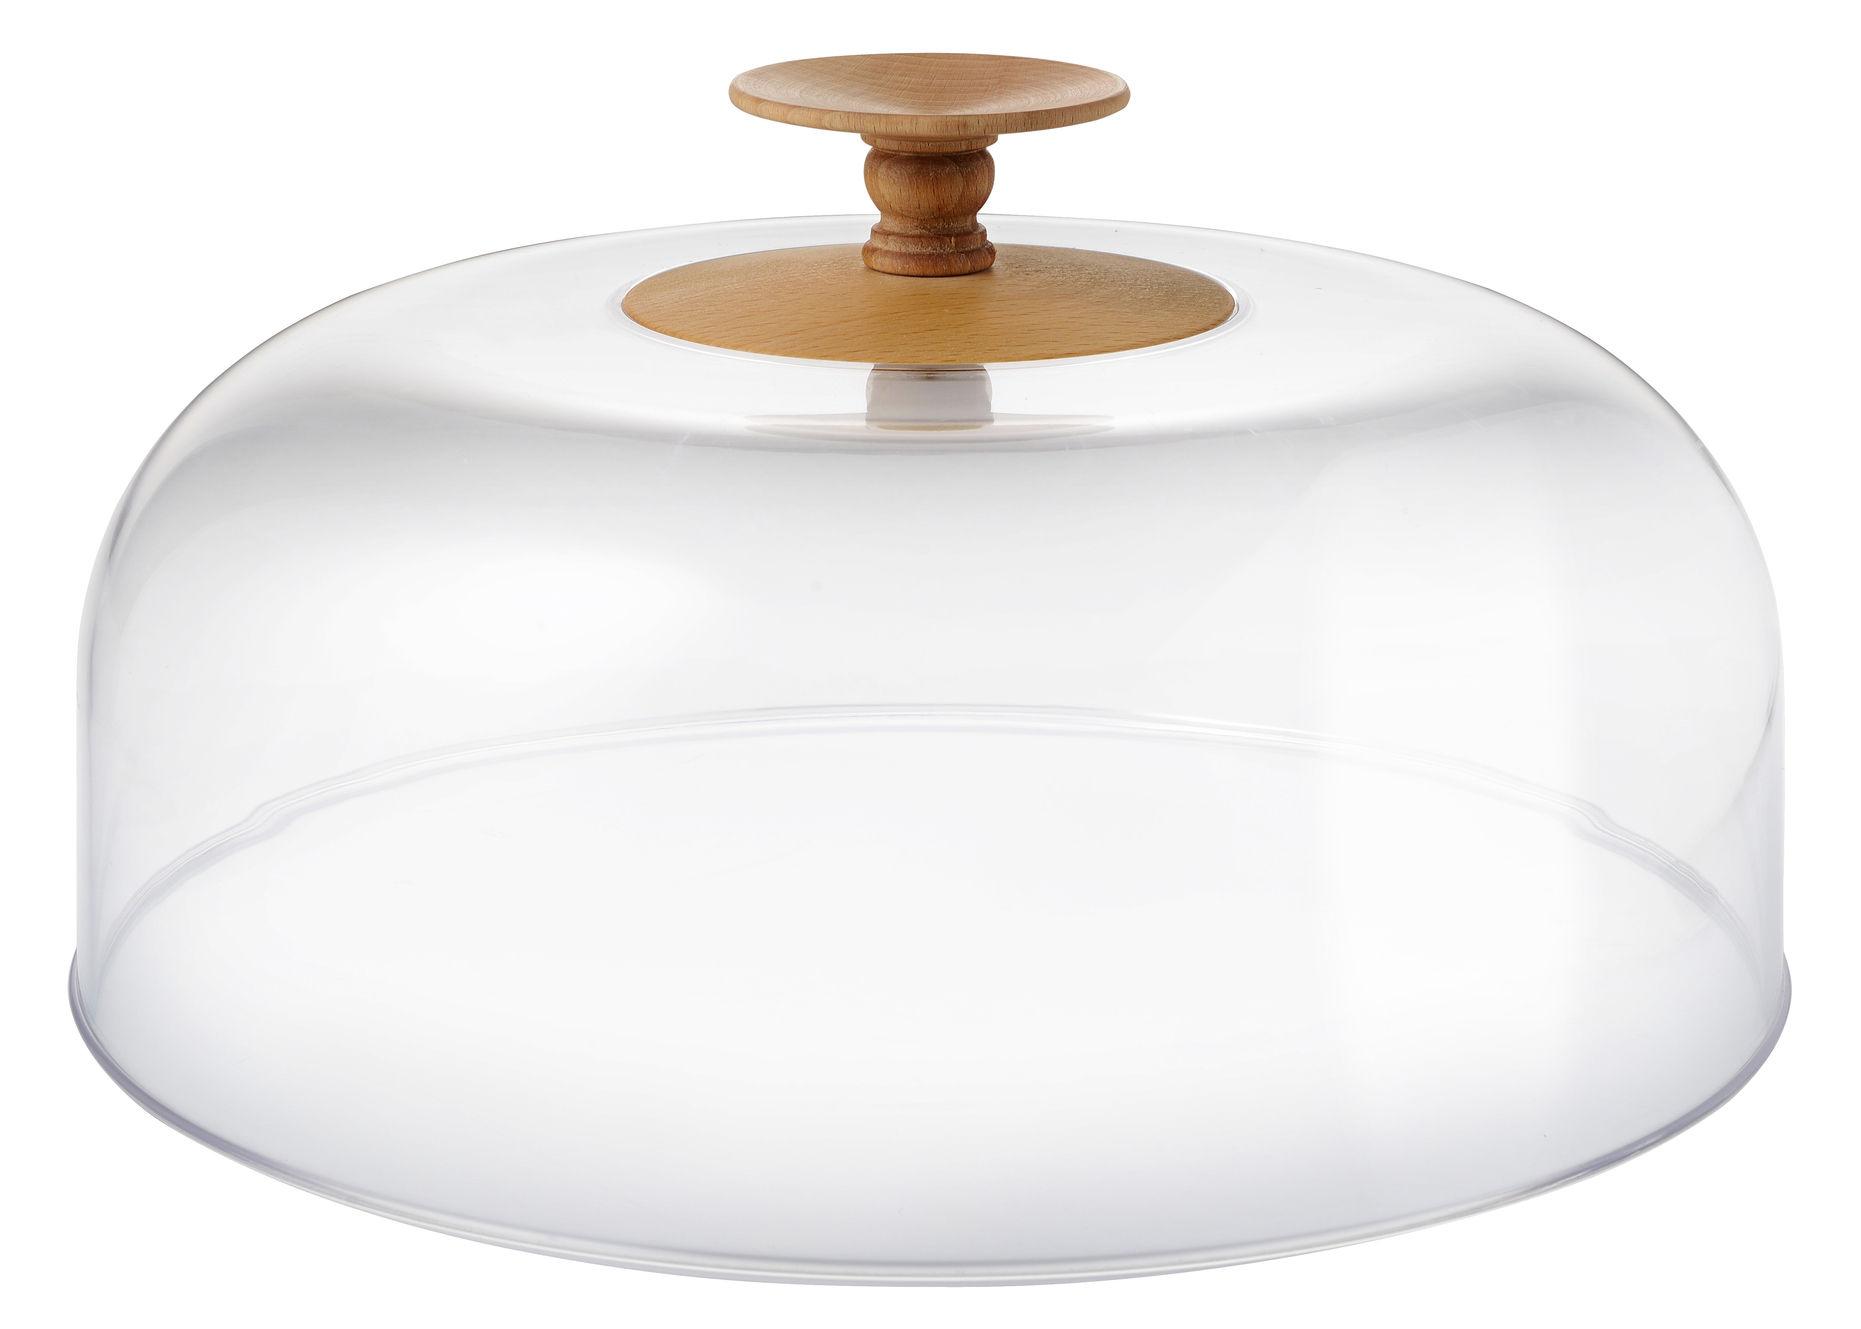 Arts de la table - Plateaux - Couvercle Dressed in Wood / Ø 32 cm - Alessi - Transparent / Bois naturel - Hêtre, PMMA